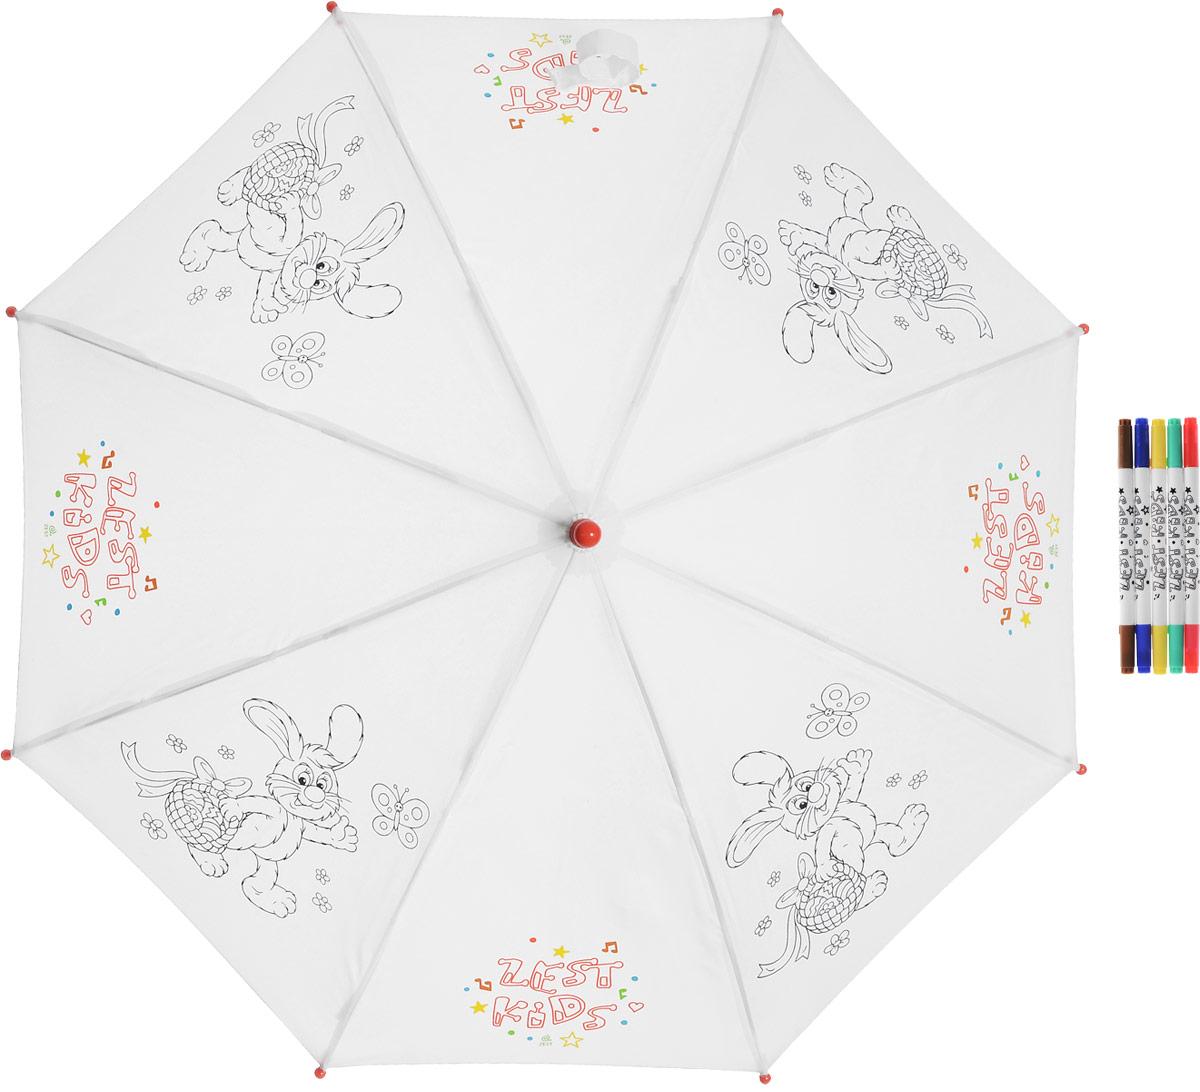 Зонт-трость детский Zest механический, цвет: белый. 21581-25321581-253Детский зонт-трость для раскрашивания Zest выполнен из металла и пластика, оформлен силуэтами картинок. Картинки малыш сможет раскрасить самостоятельно фломастерами, входящими в комплект. Каркас зонта выполнен из восьми спиц, стержень из стали. На концах спиц предусмотрены пластиковые элементы, которые защитят малыша от травм. Купол зонта изготовлен прочного полиэстера. Закрытый купол застегивается на липучку хлястиком. Практичная глянцевая рукоятка закругленной формы разработана с учетом требований эргономики и выполнена из пластика.